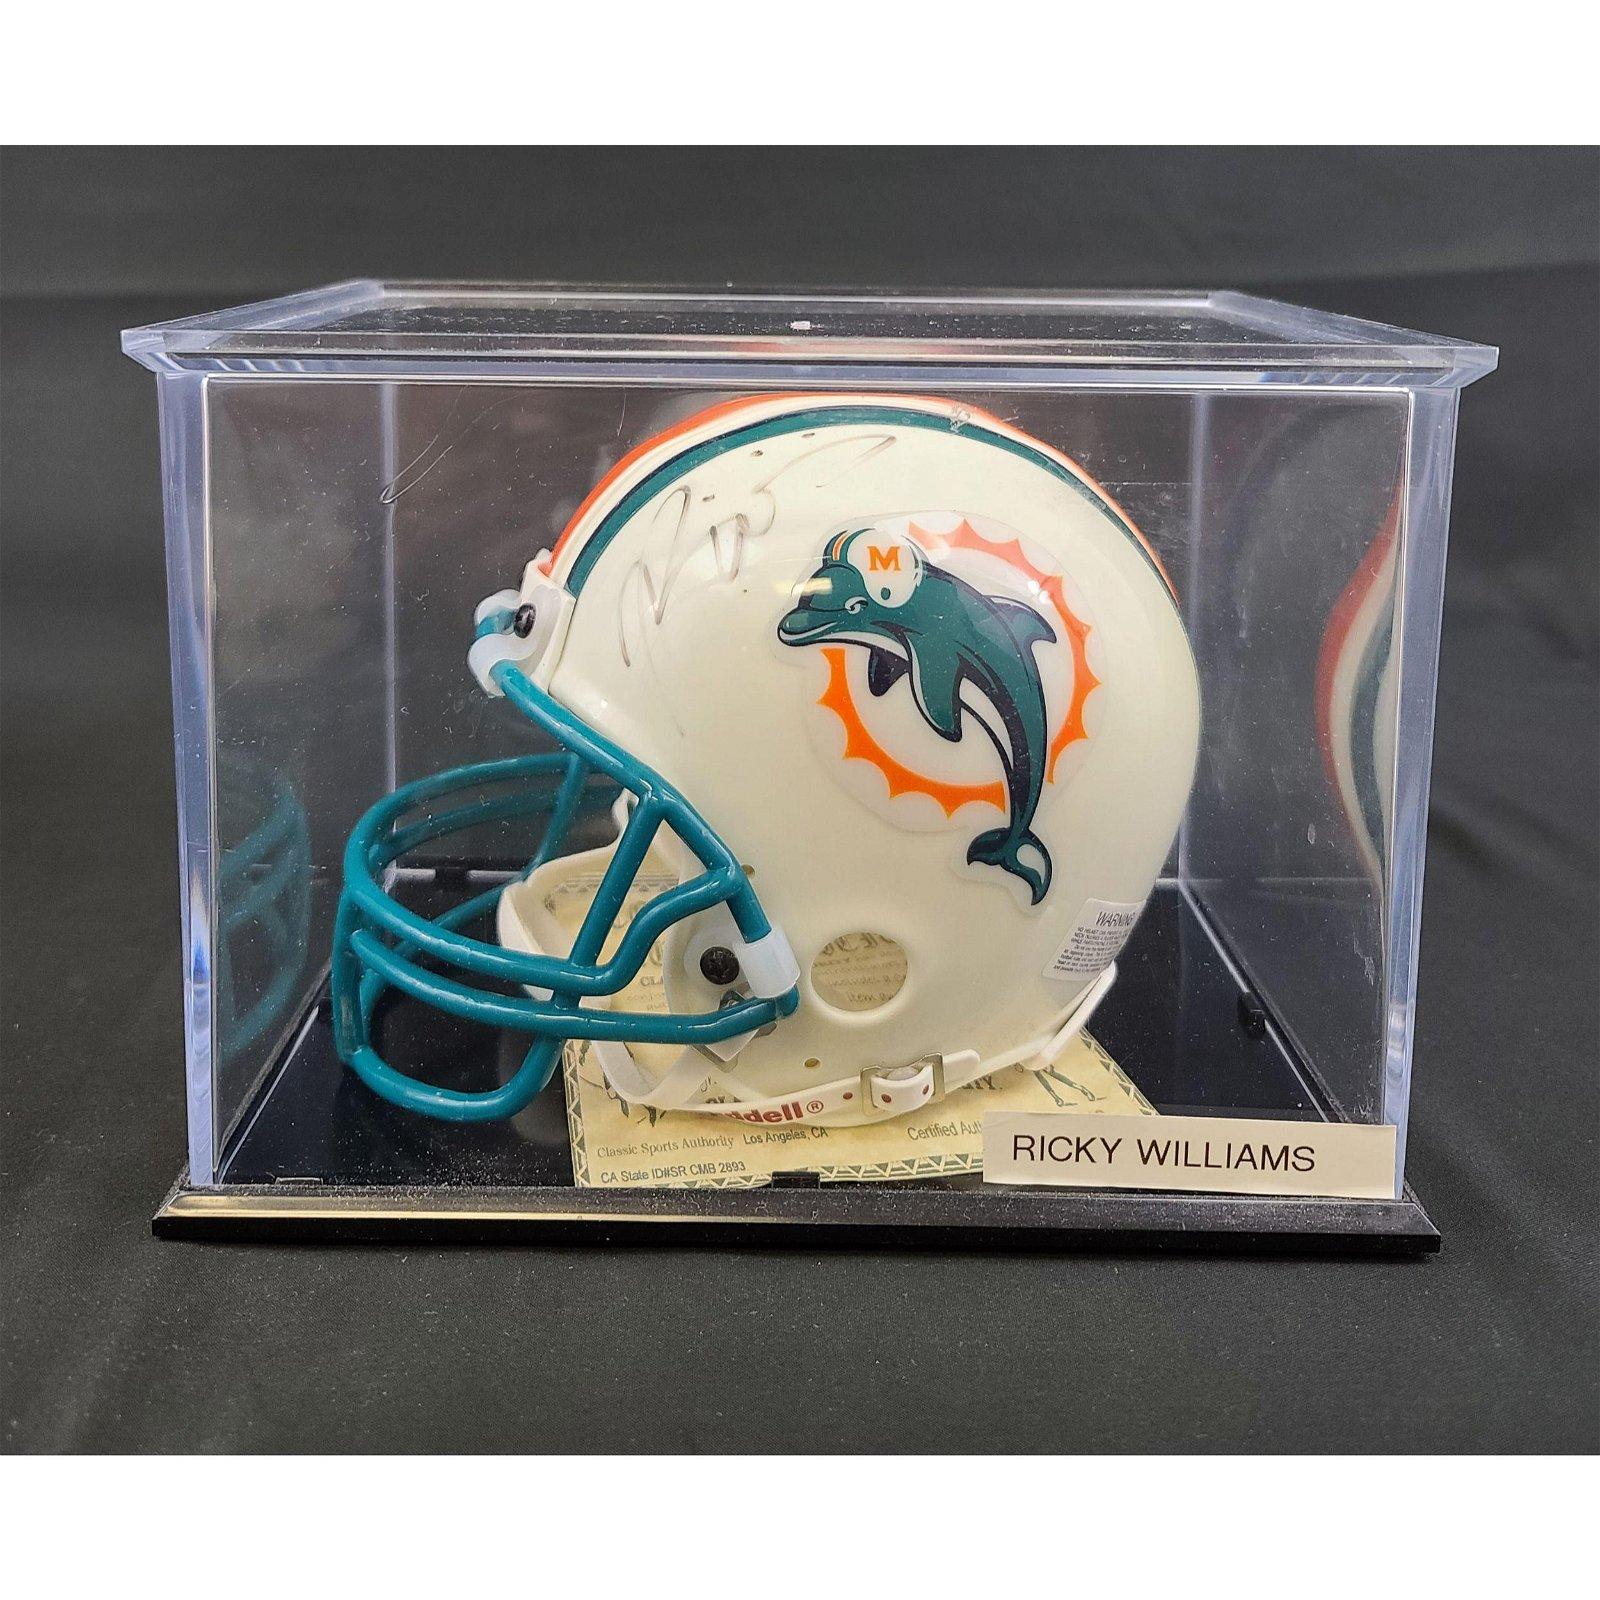 Autographed RICKY WILLIAMS Miami Dolphins Mini Helmet